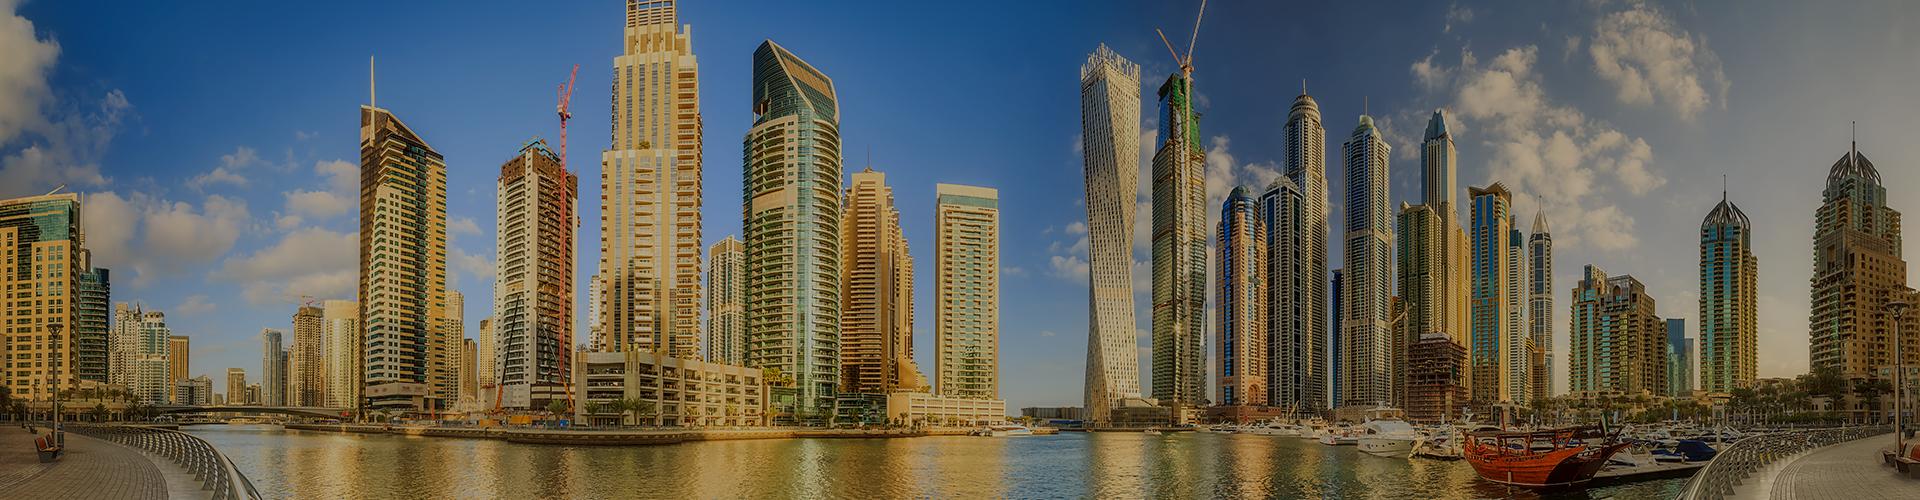 Landmark photograph of United Arab Emirates